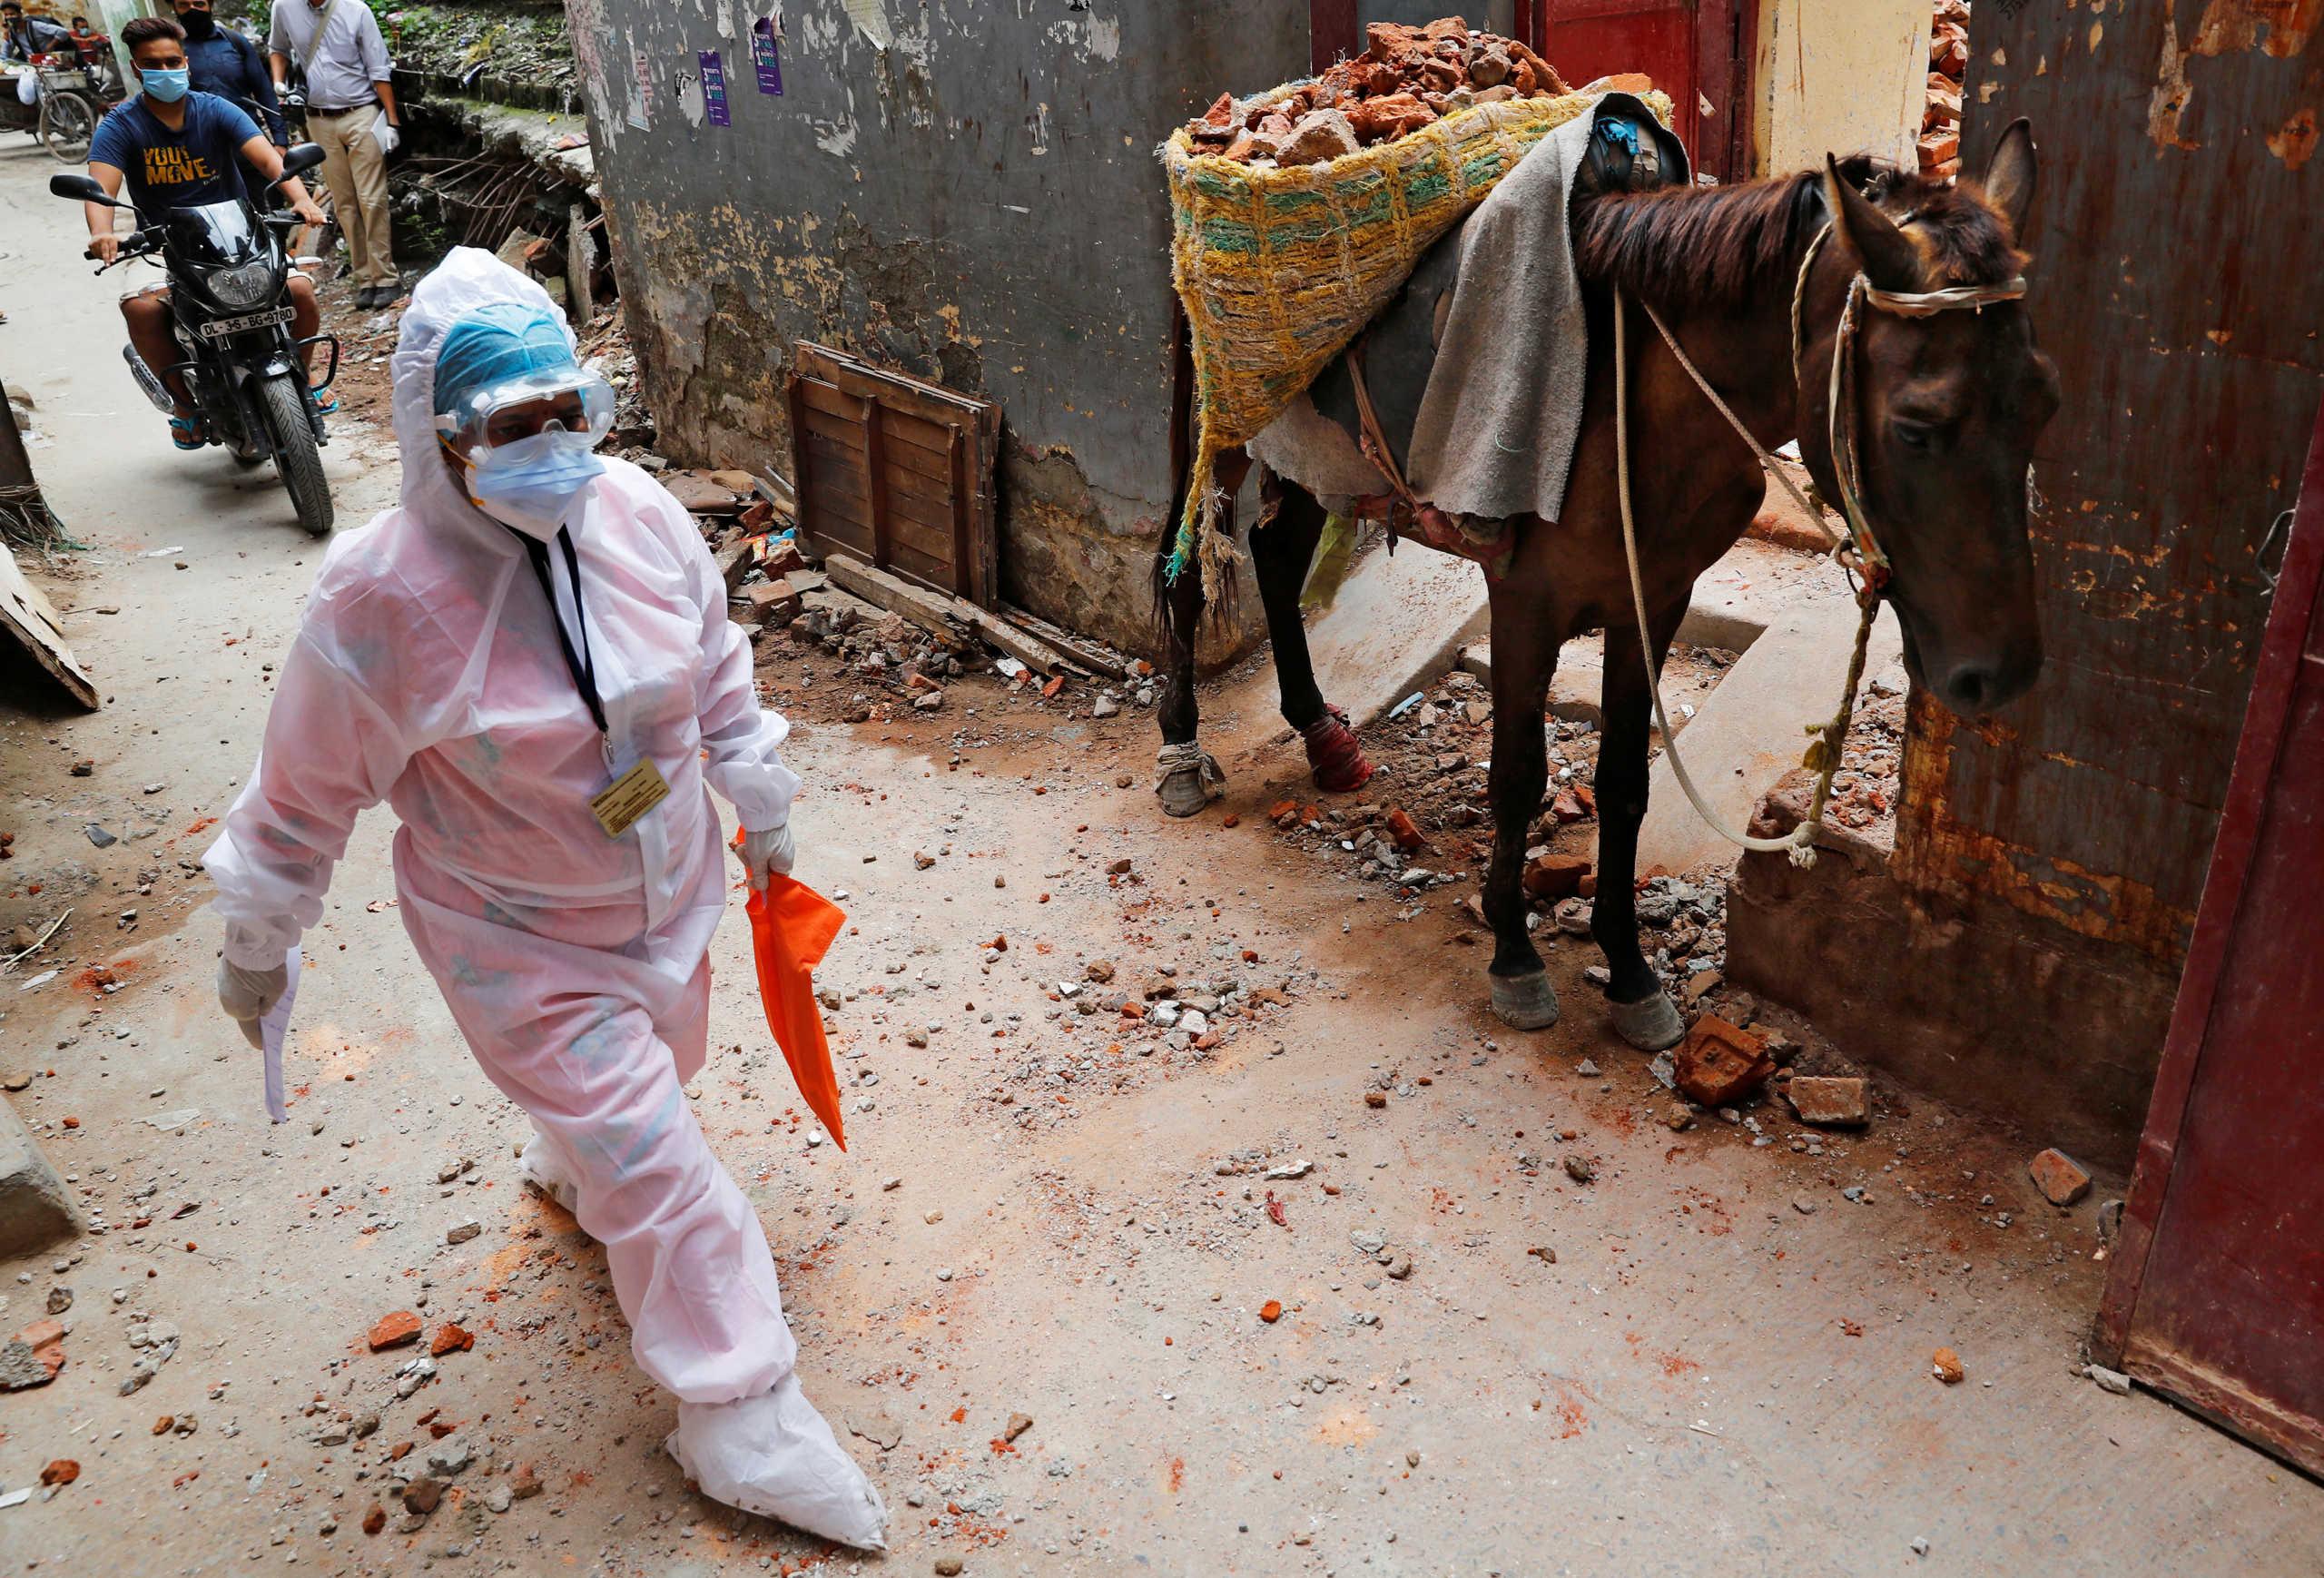 Ινδία: Ασύλληπτοι αριθμοί! 96.551 κρούσματα κορονοϊού σε μία μέρα